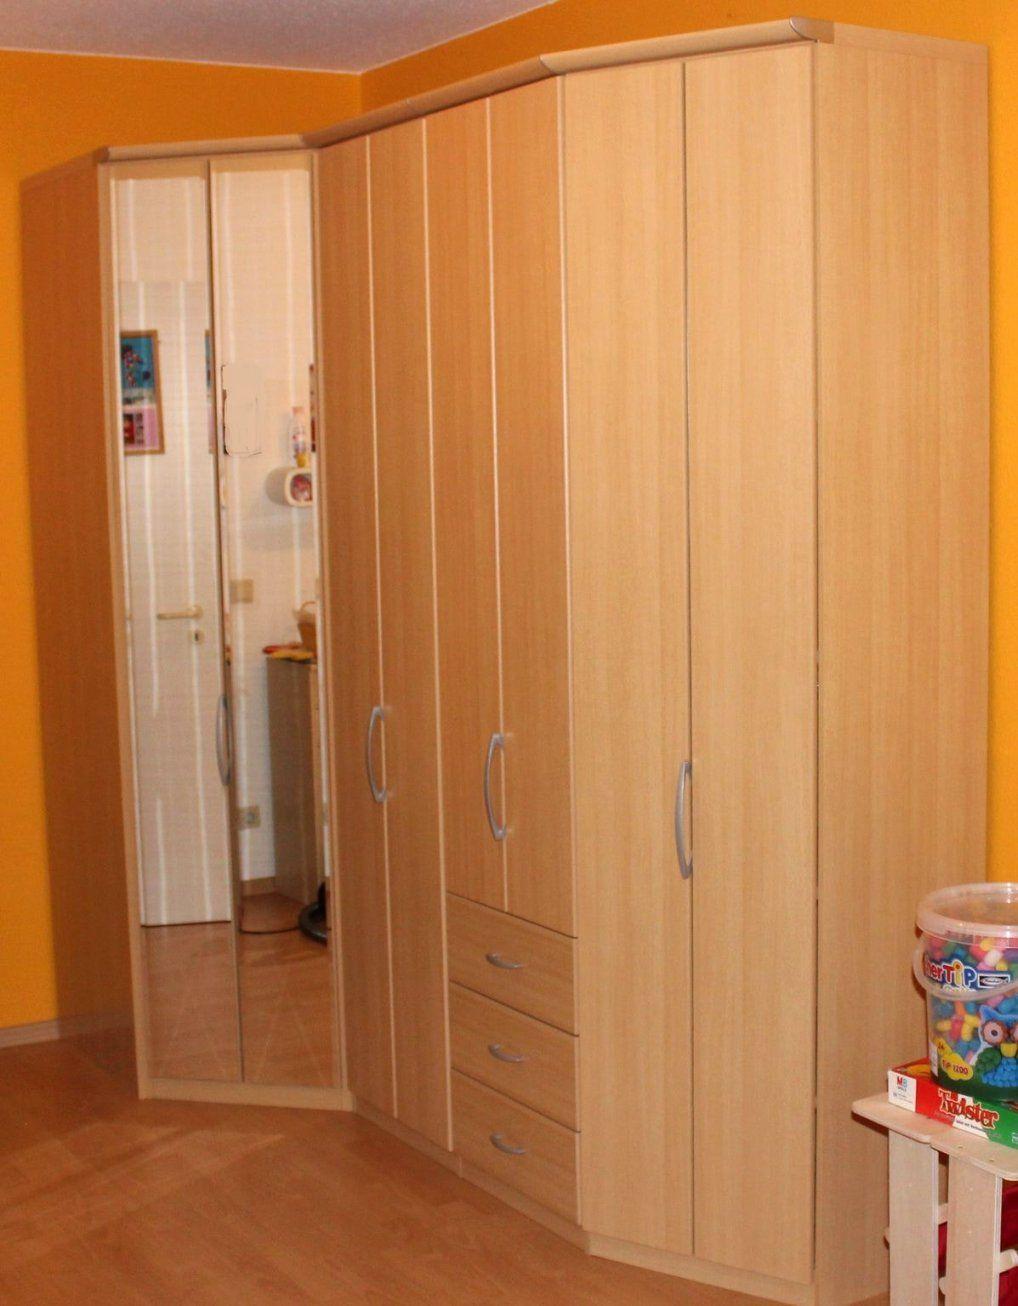 Die Meisten Badezimmer Akzent Zu Möbel Zu Verschenken Ulm  Rabogd von Möbel Zu Verschenken Ulm Bild